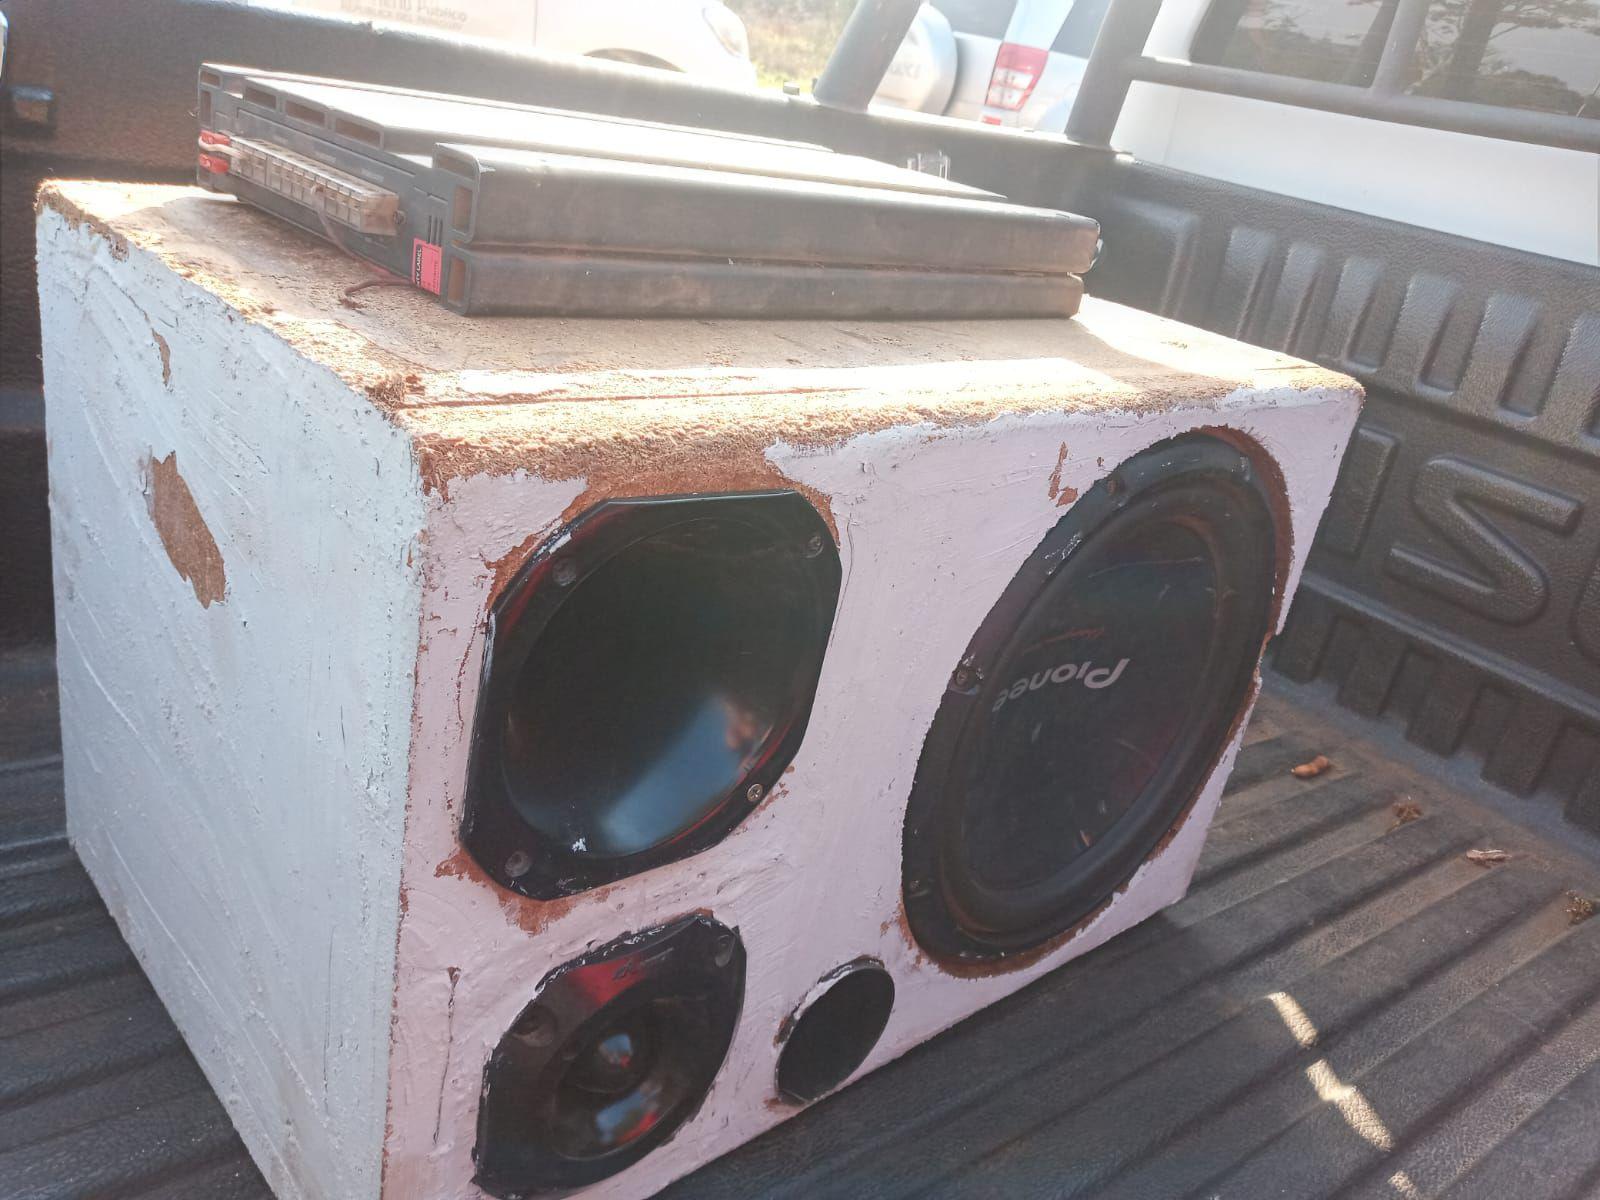 La caja acústica, el amplificador y otros objetos que fueron recuperados.